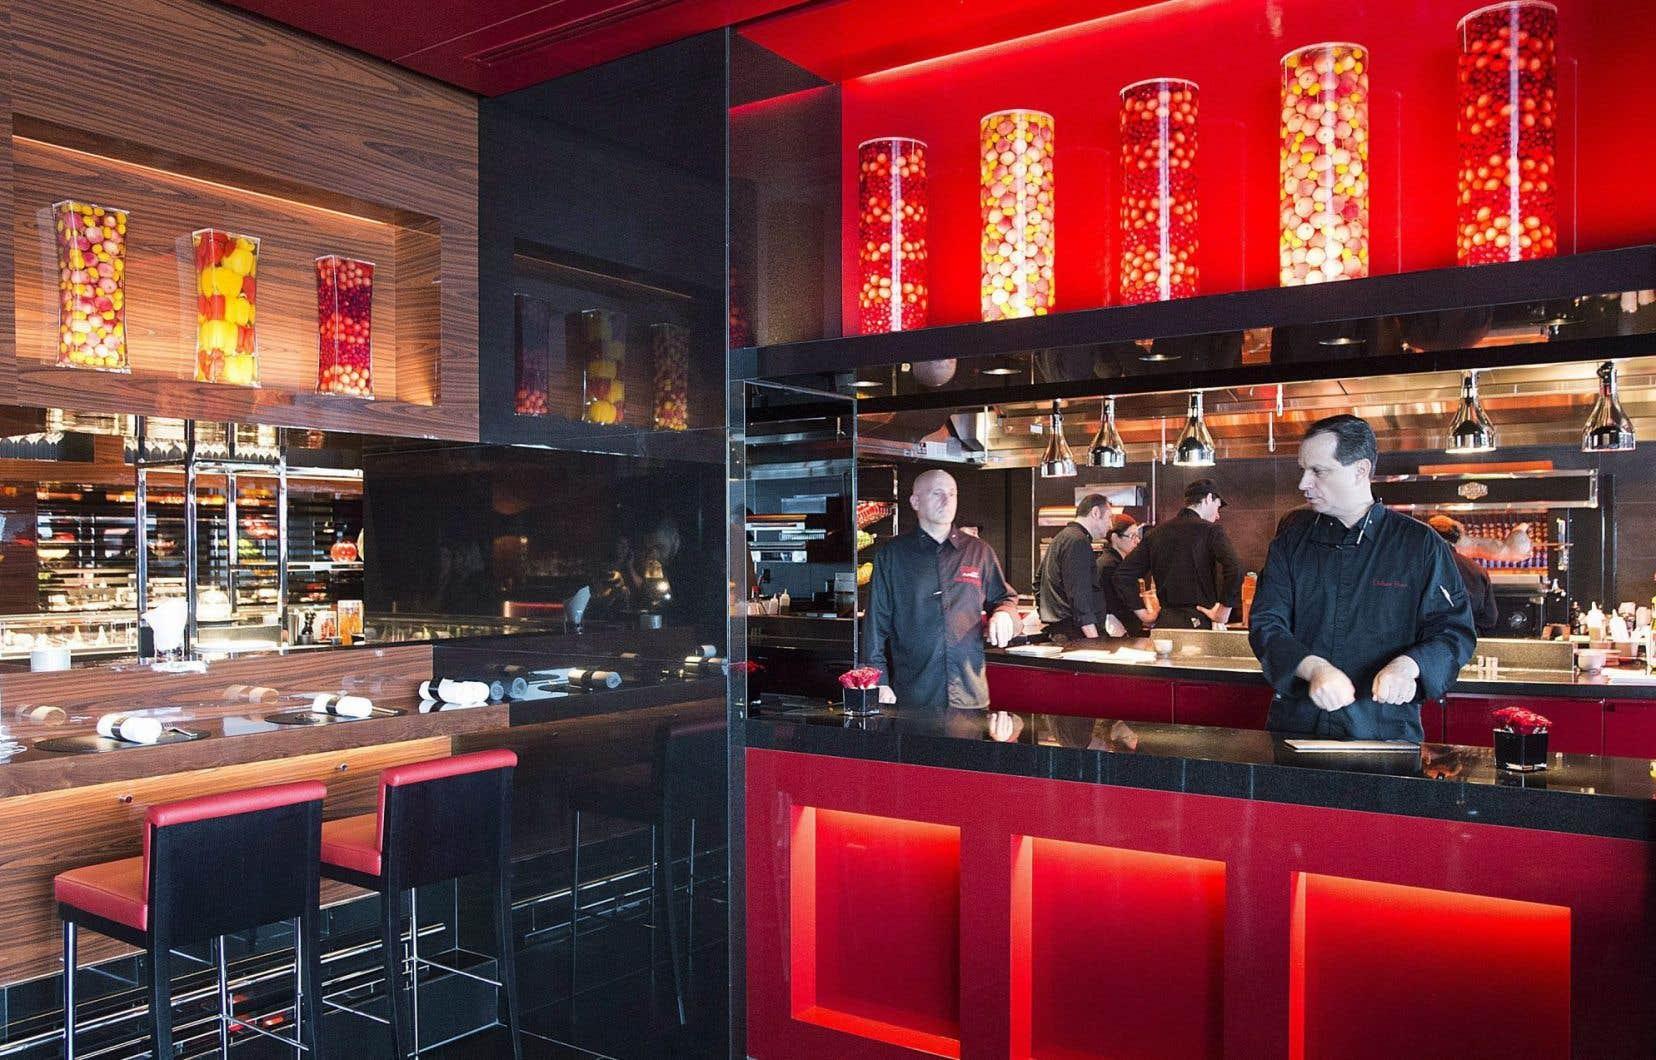 Pour plusieurs, le chef des cuisines du Casino de Montréal, Jean-Pierre Curtat, a poussé encore plus loin l'insulte en demandant à Joël Robuchon de devenir l'ambassadeur de la cuisine québécoise dans le monde.